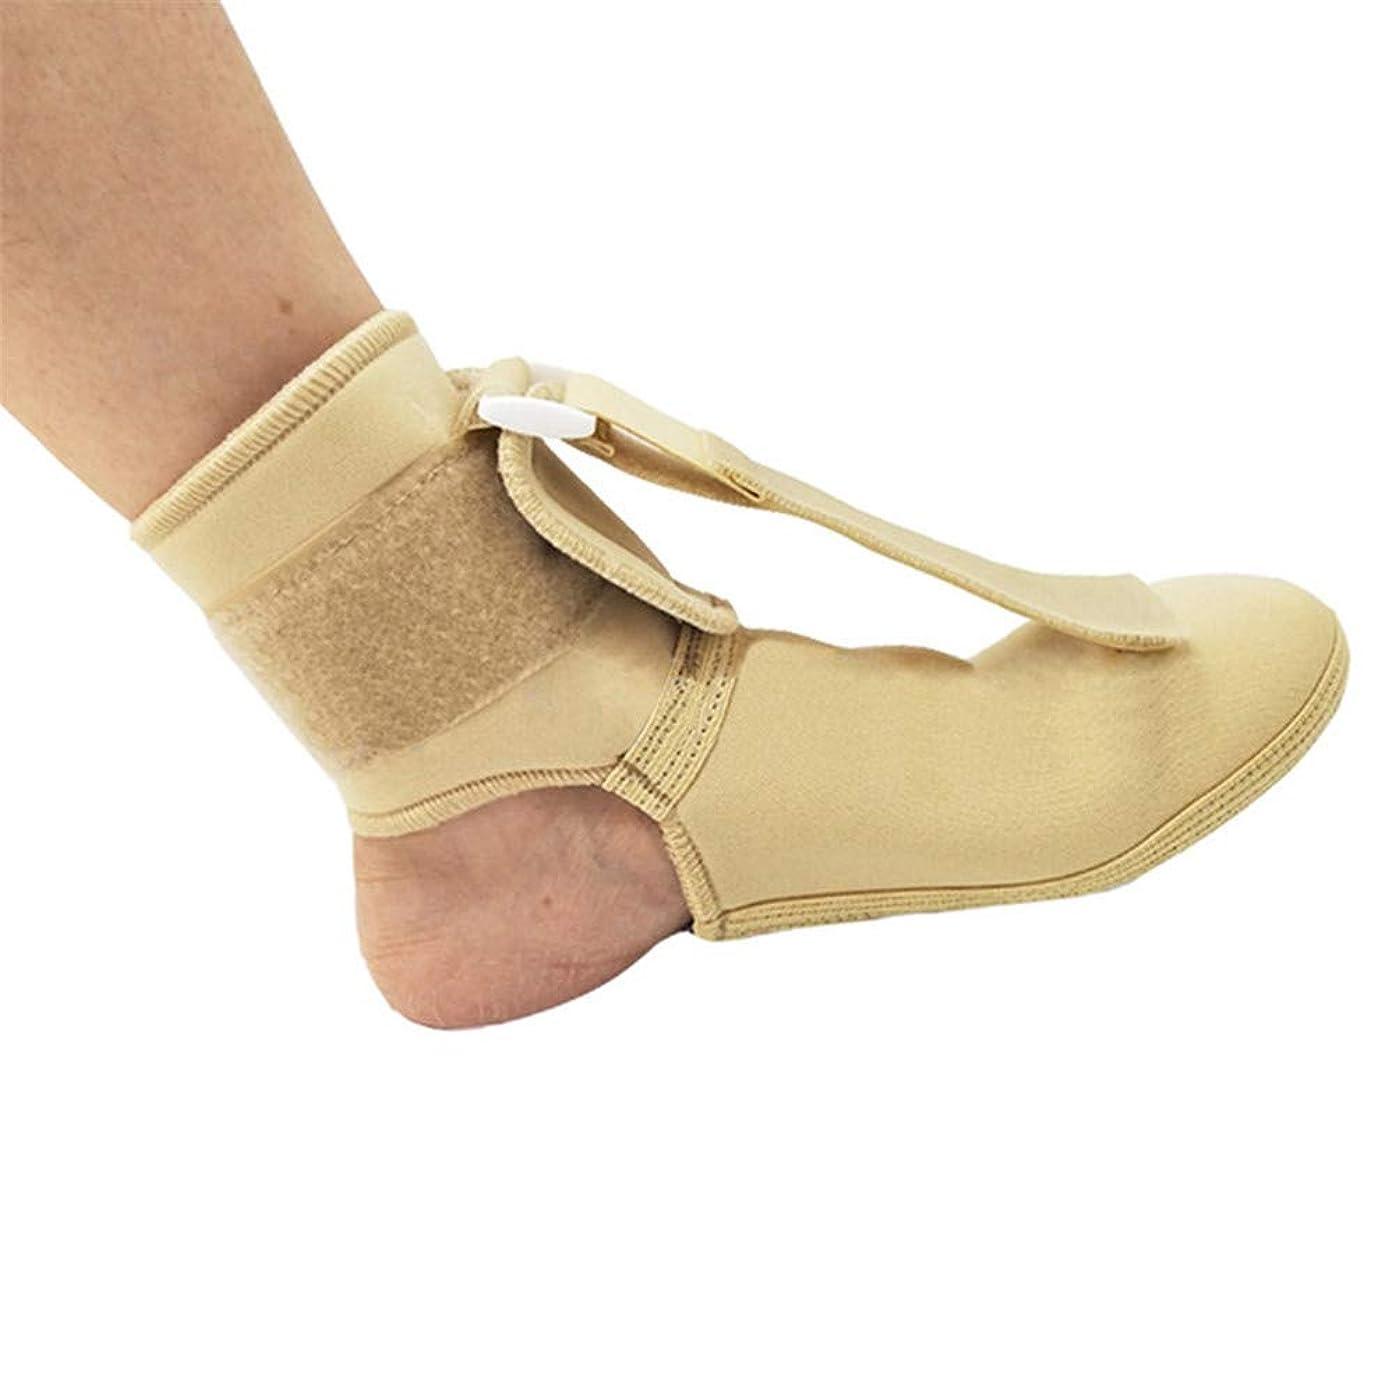 全員ビジョン一族足首保護、関節サポート、調節可能なフットドロップ矯正装具足の痛みの軽減スプリント足首スプリントサポートナイトスプリント,L